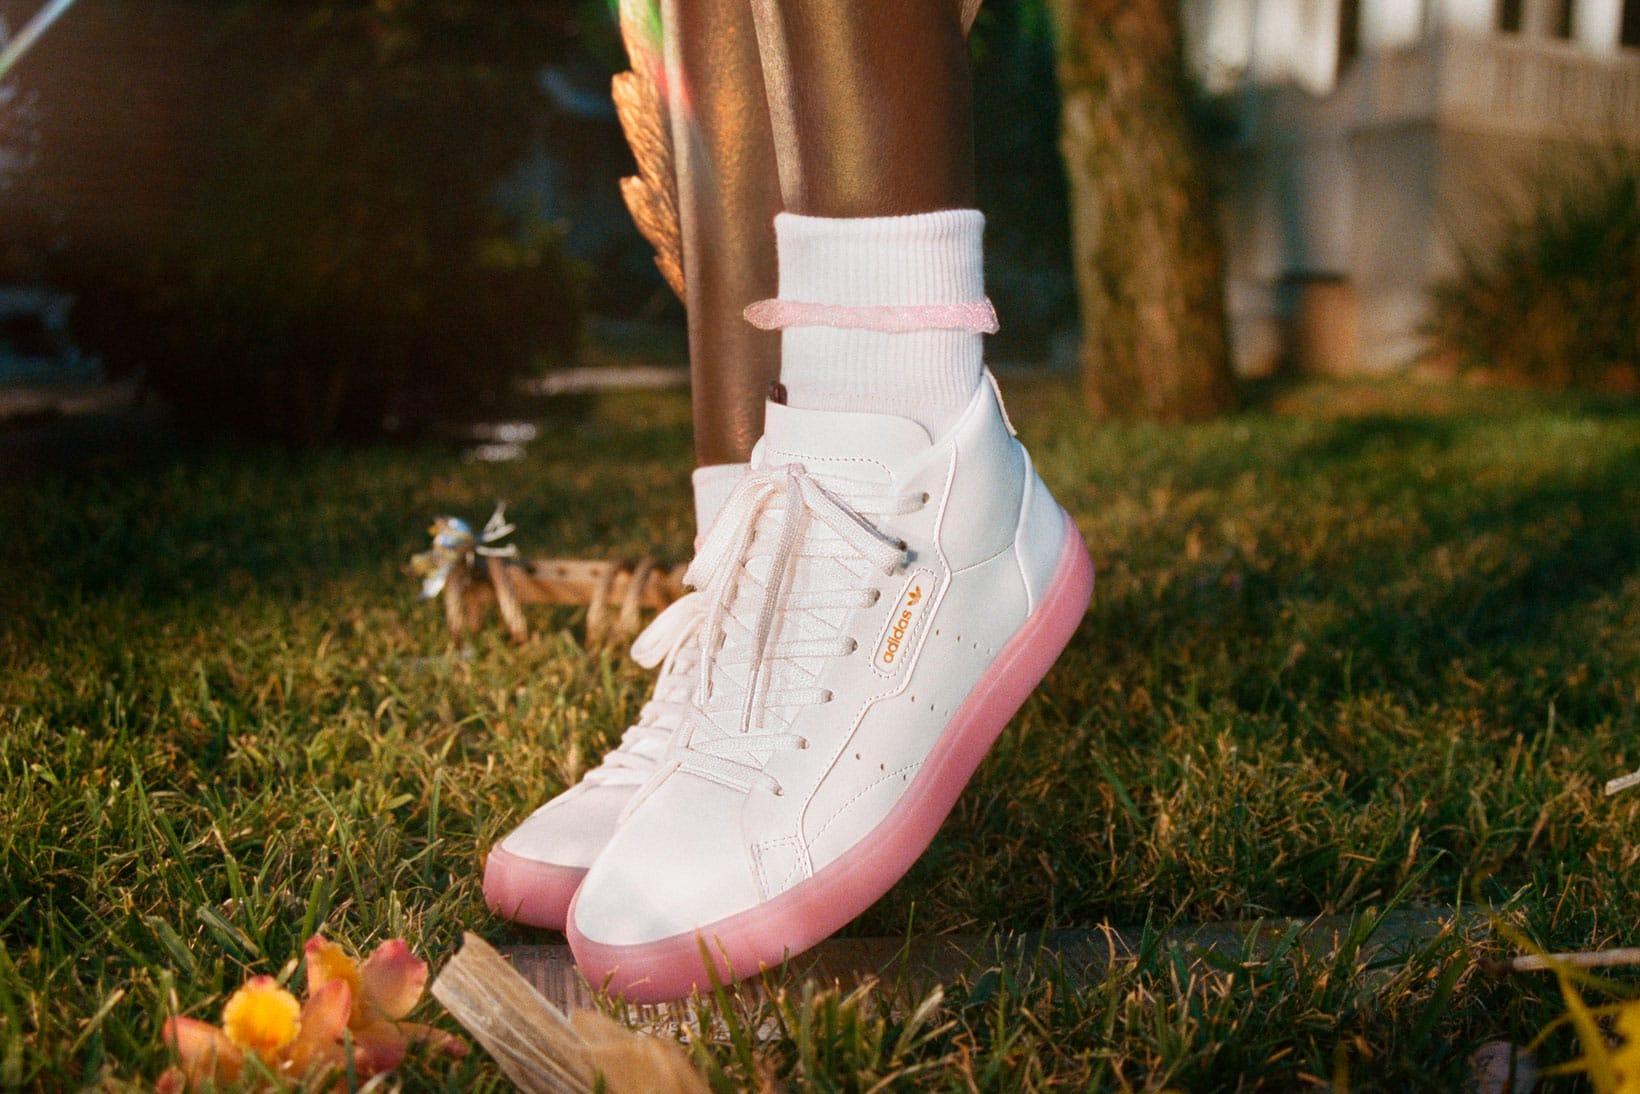 adidas Sleek in Pink, Blue, White